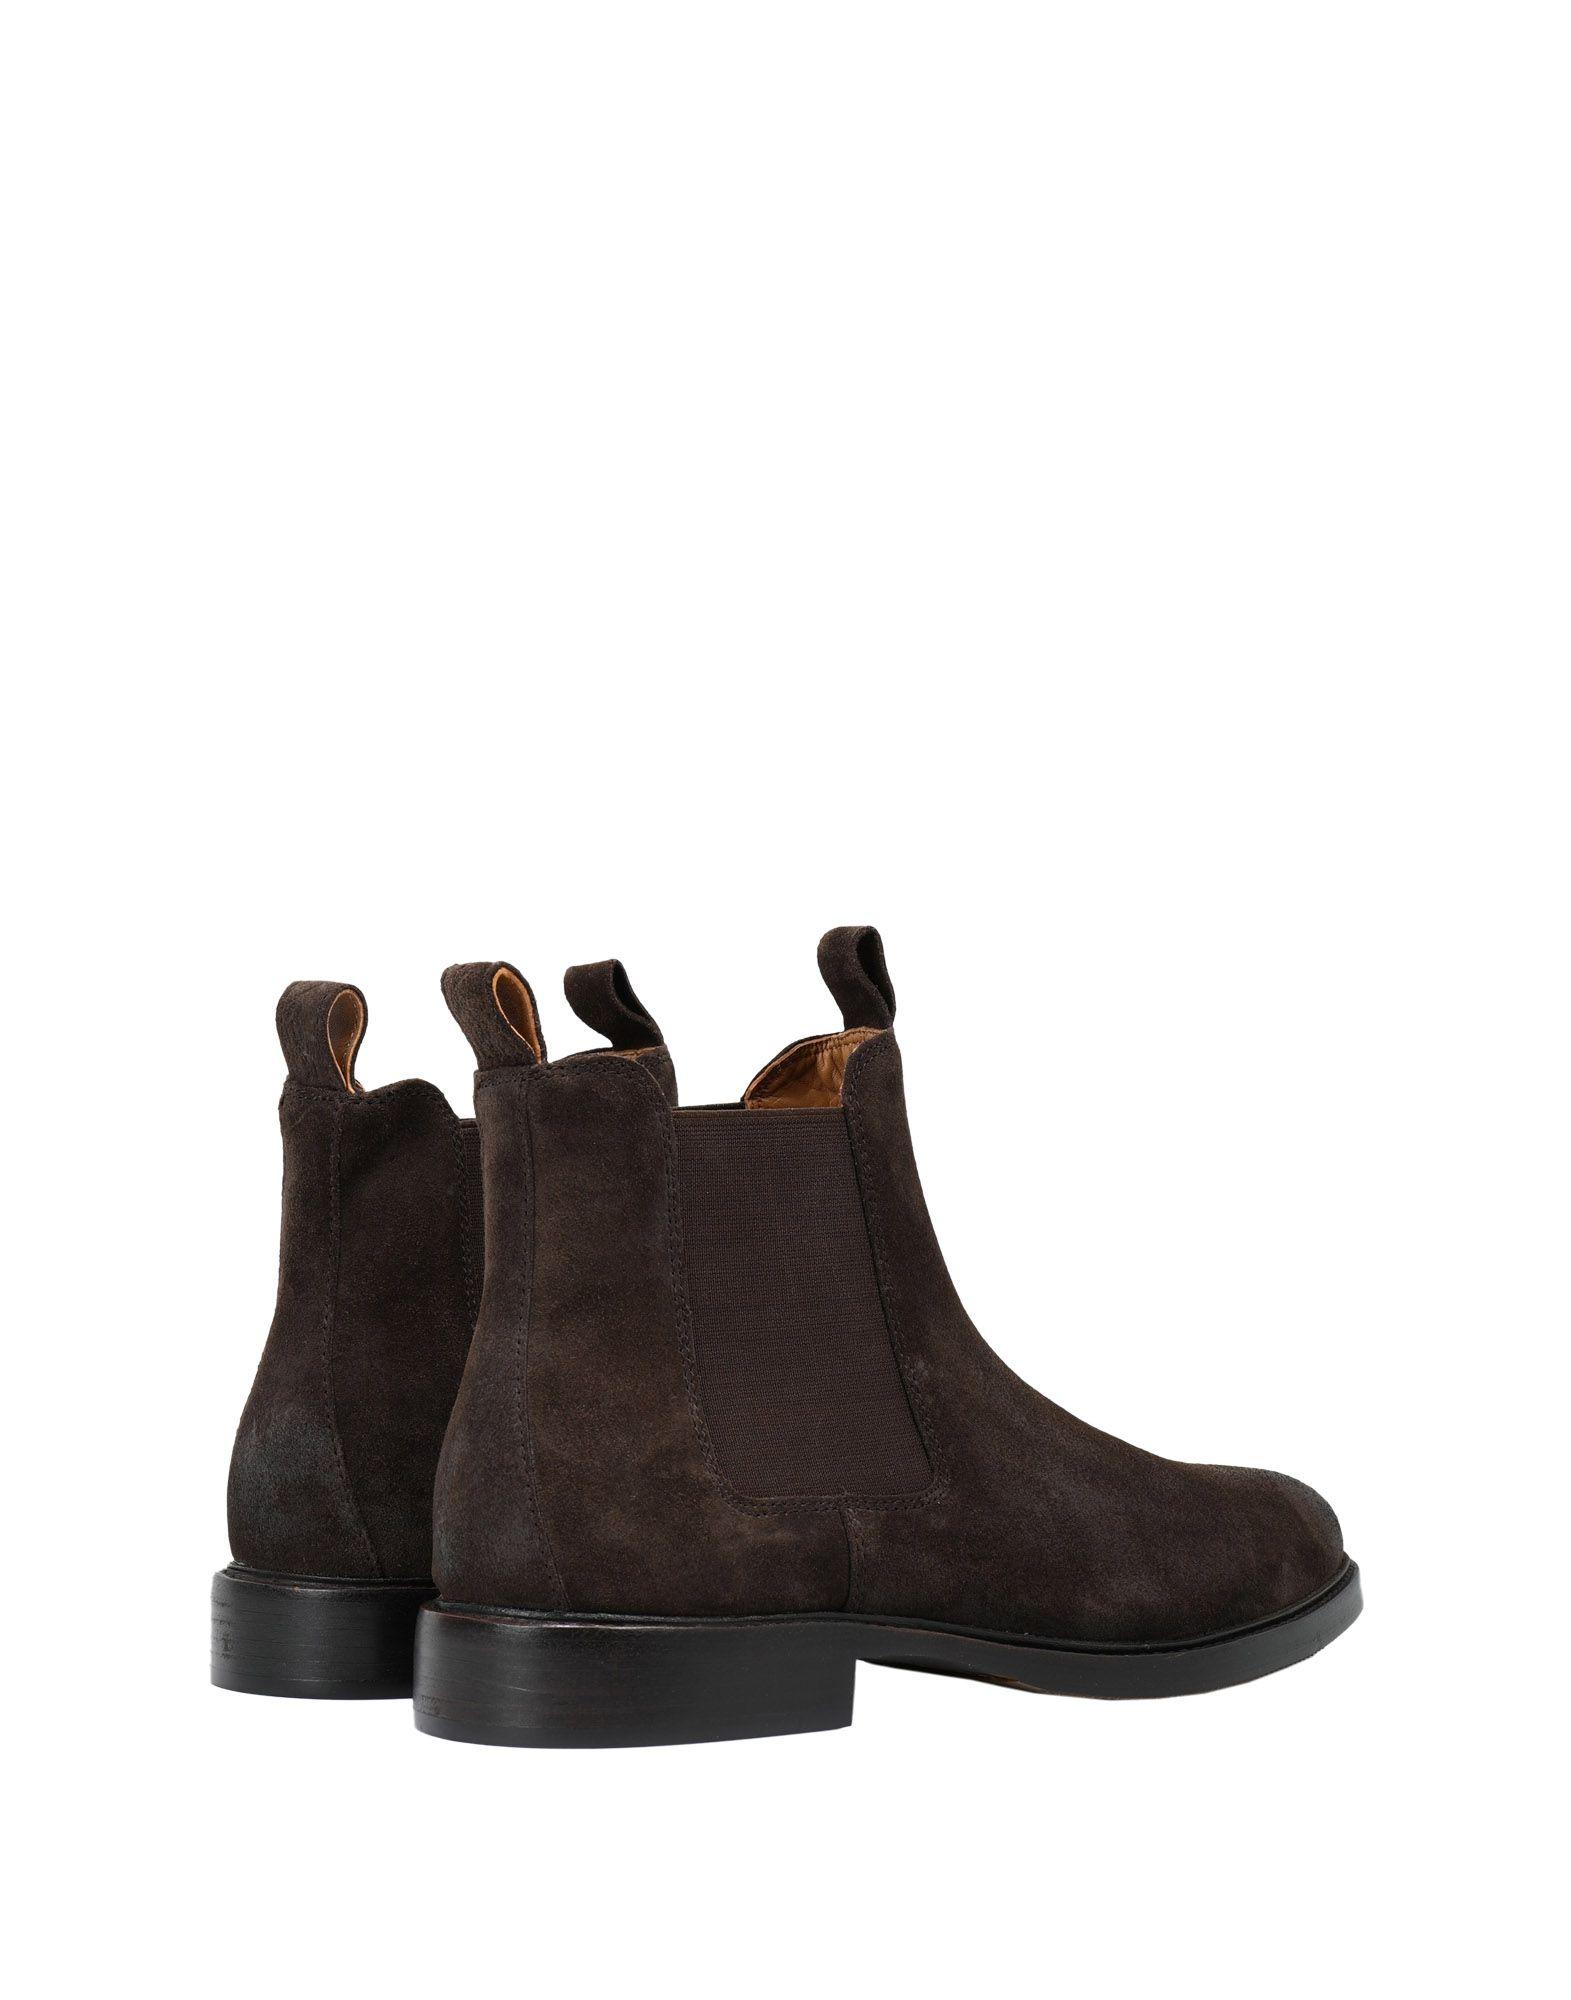 Polo Ralph Lauren Stiefelette Herren  11531765GN Gute Qualität beliebte Schuhe